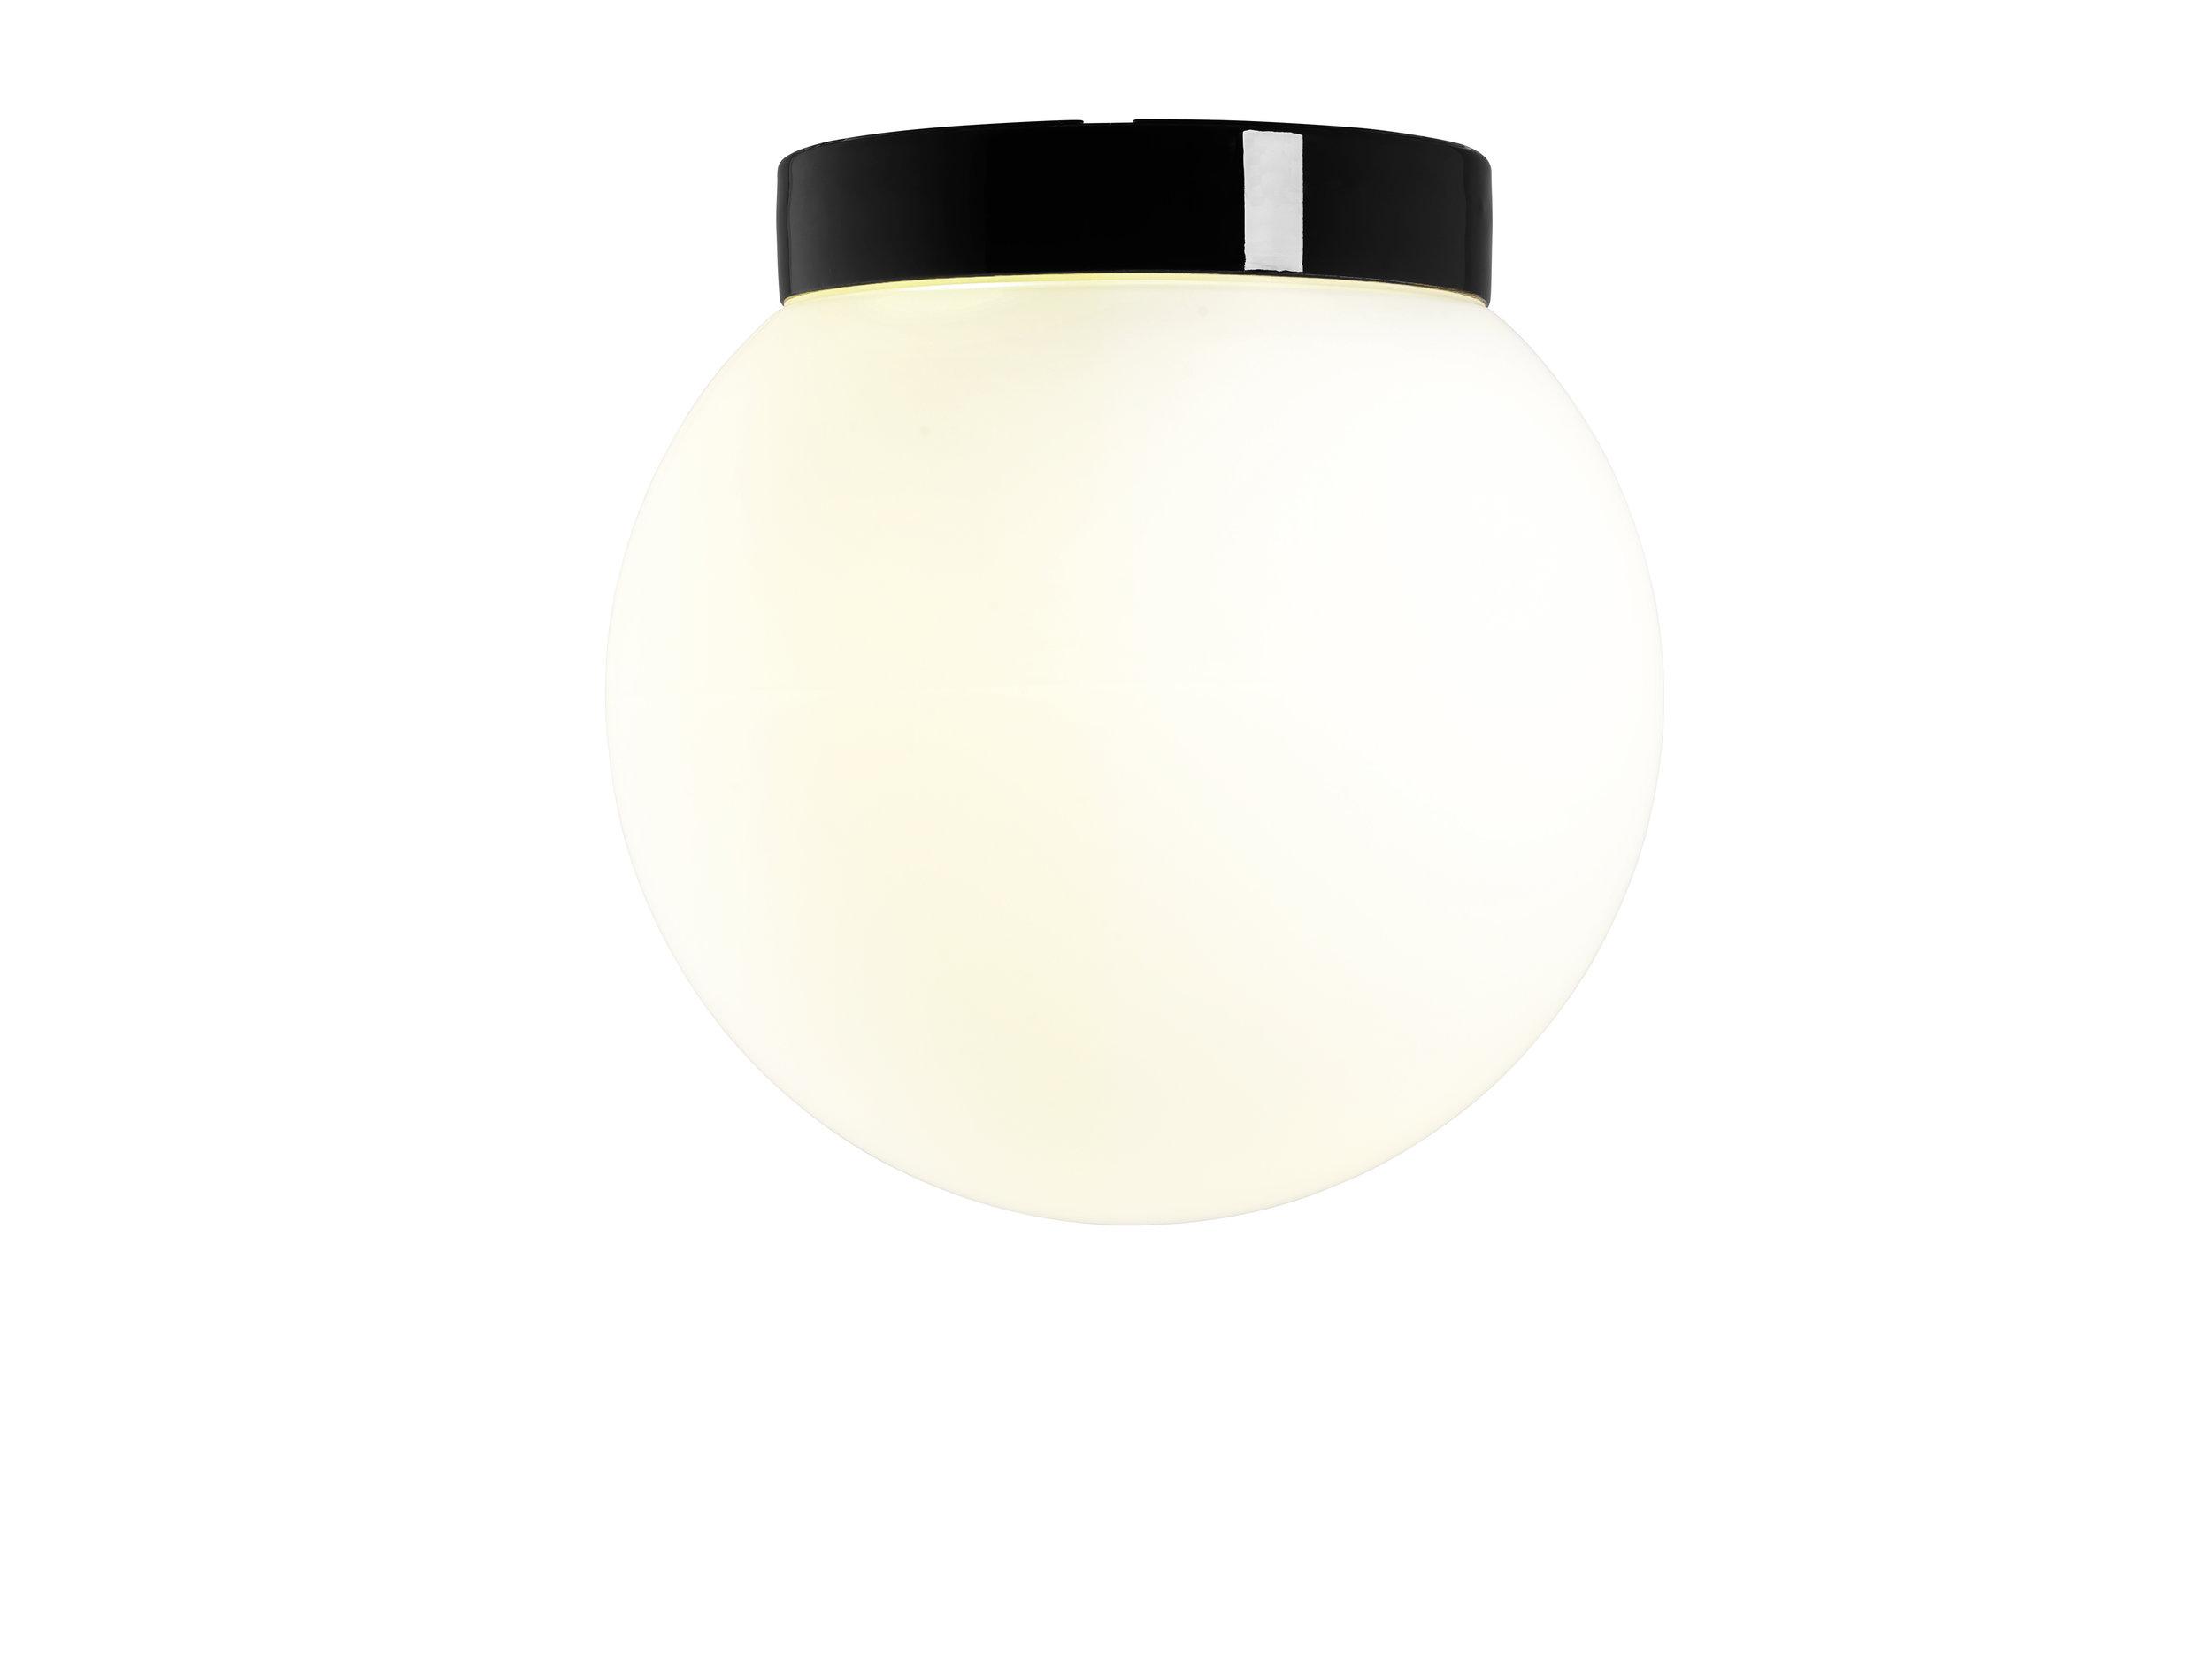 7501369_4095-800-16_Classic Glob 300 LED.jpg